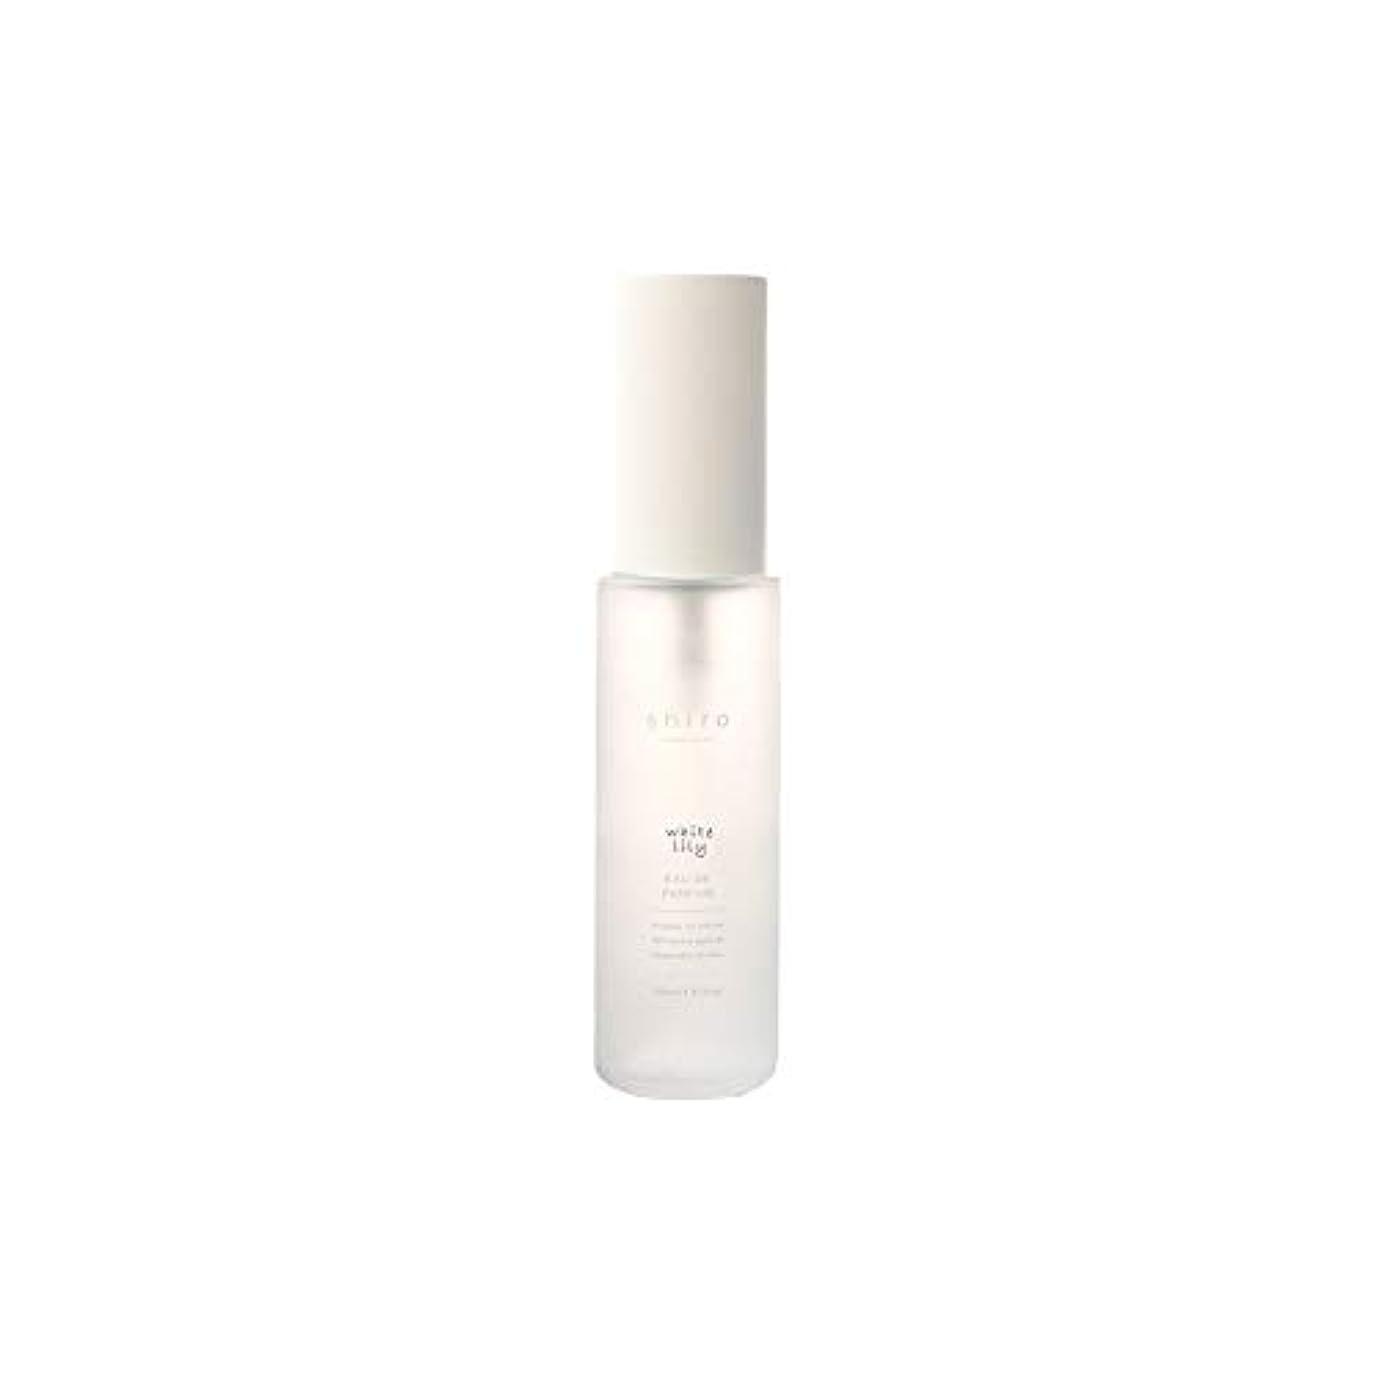 無駄印象直接shiro シロ ホワイトリリー オードパルファン 香水 40ml (長時間持続)